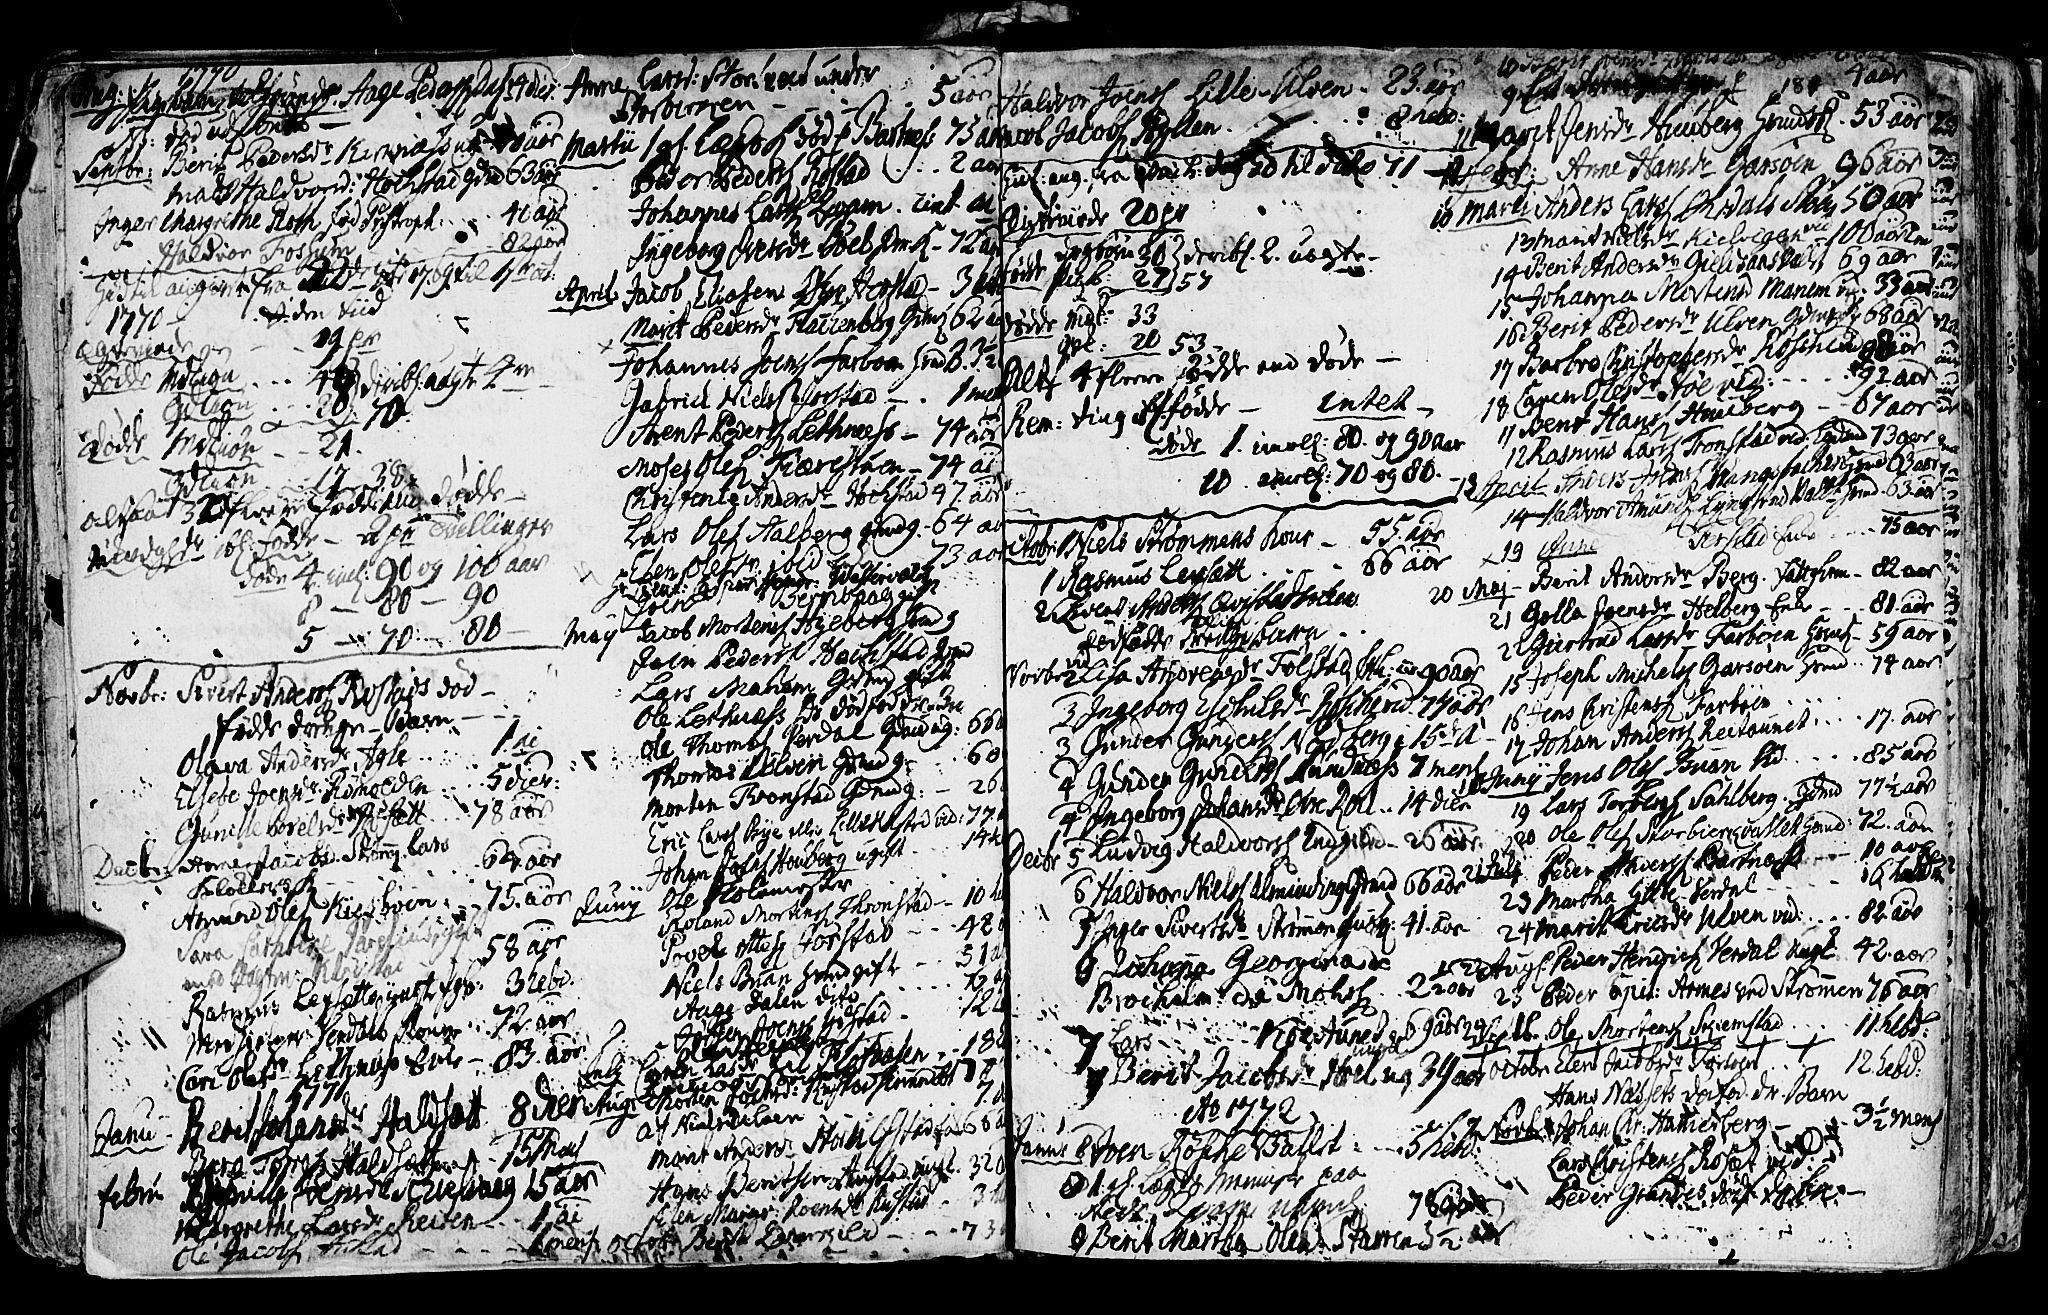 SAT, Ministerialprotokoller, klokkerbøker og fødselsregistre - Nord-Trøndelag, 730/L0273: Ministerialbok nr. 730A02, 1762-1802, s. 180